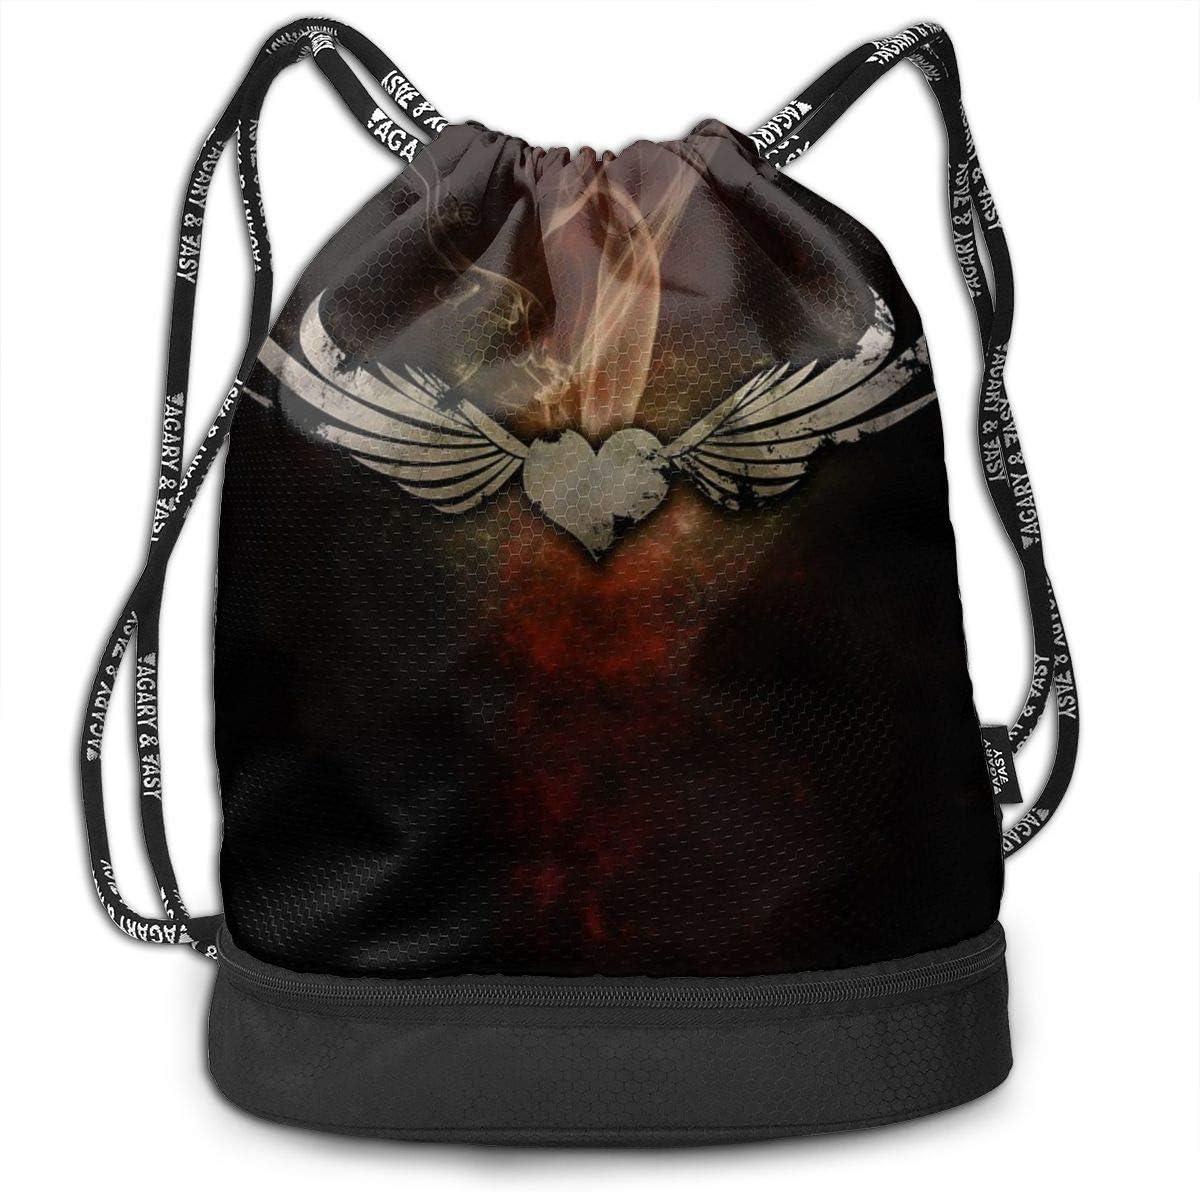 GymSack Drawstring Bag Sackpack Pink Ice Cream Sport Cinch Pack Simple Bundle Pocke Backpack For Men Women